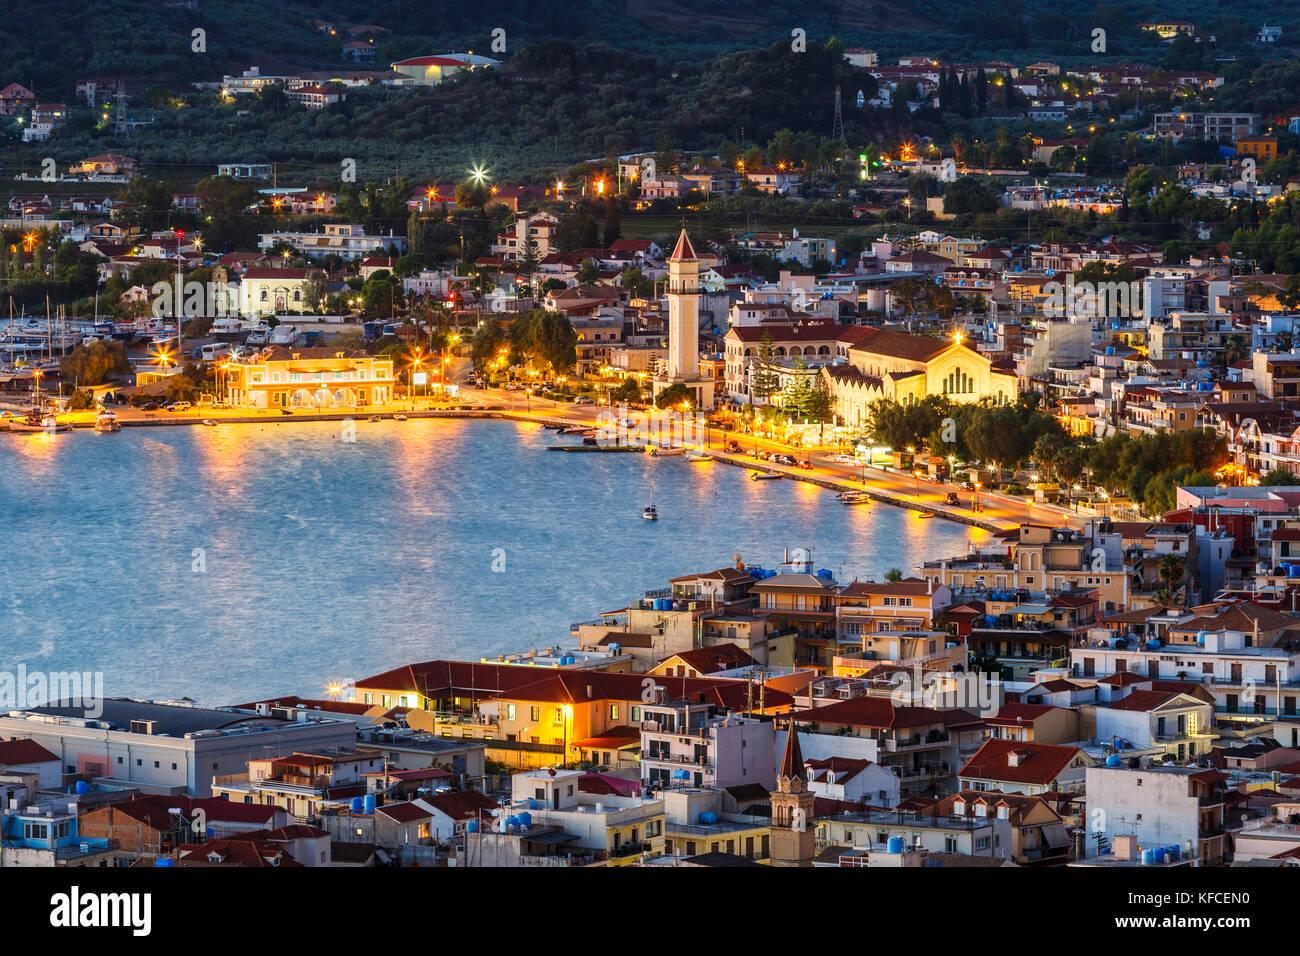 Hafen von Zakynthos Stadt wie von bochali Sicht gesehen, Griechenland. Stockbild